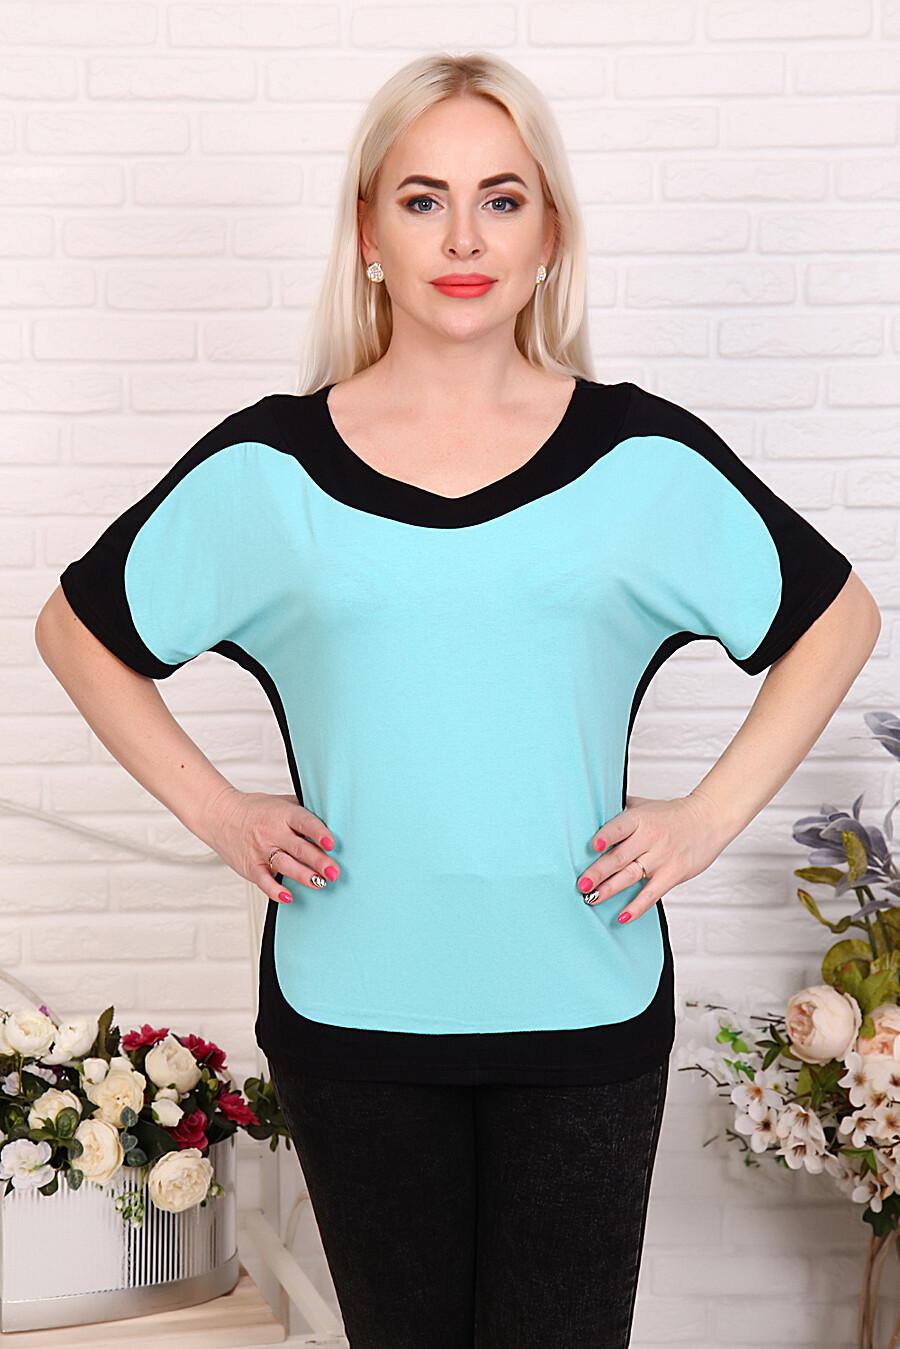 Футболка 27575 для женщин НАТАЛИ 649321 купить оптом от производителя. Совместная покупка женской одежды в OptMoyo